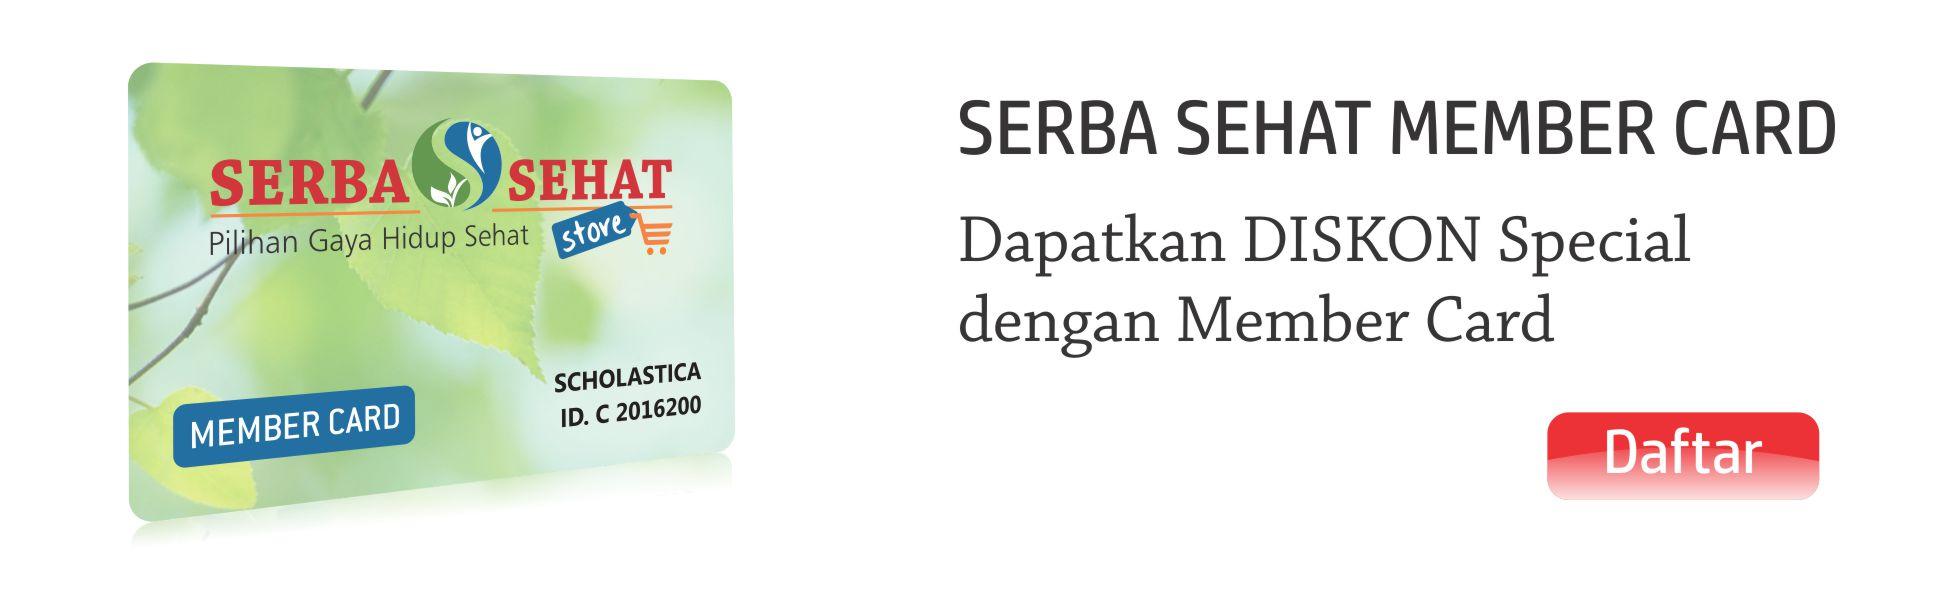 banner-member-card-serba-sehat-store-2